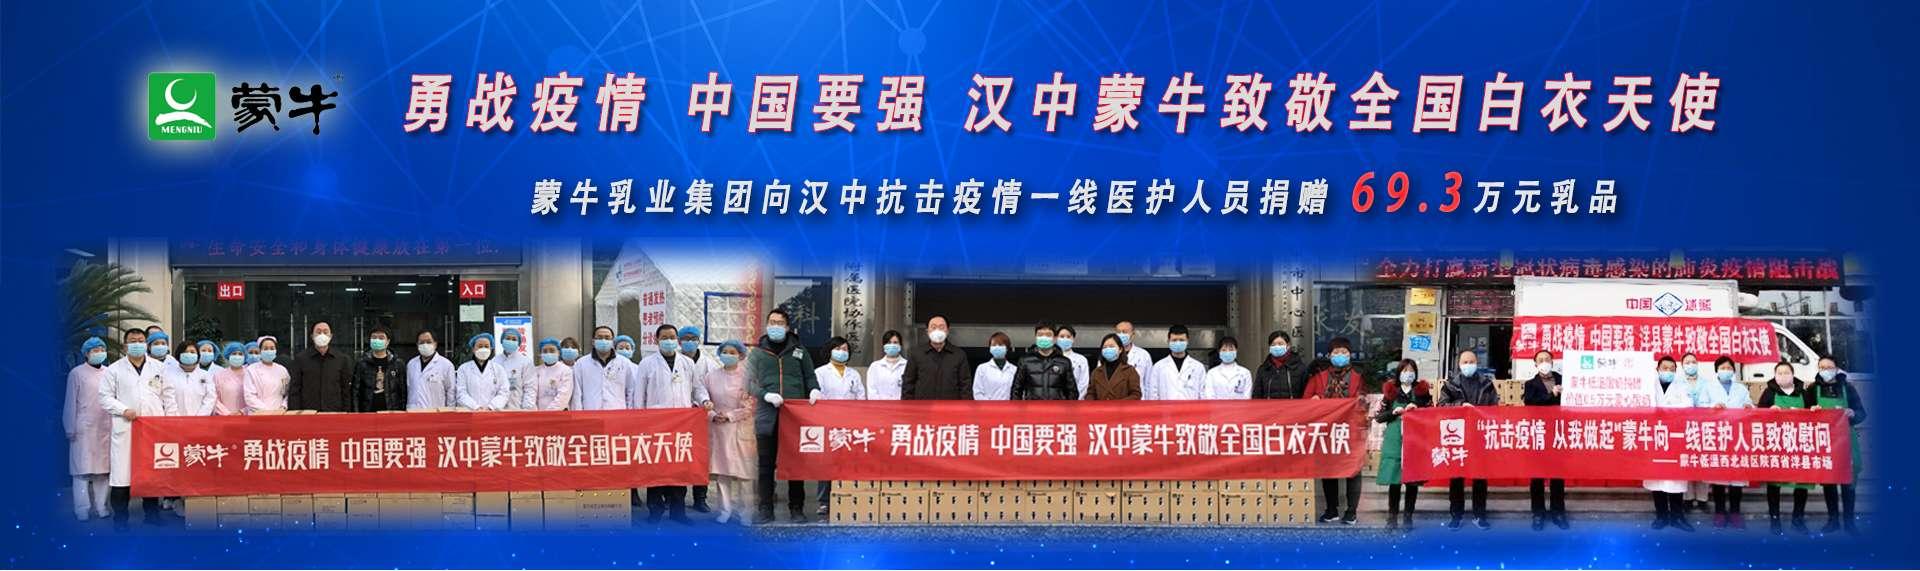 蒙牛乳业向汉中疫情防控一线医护捐赠乳品